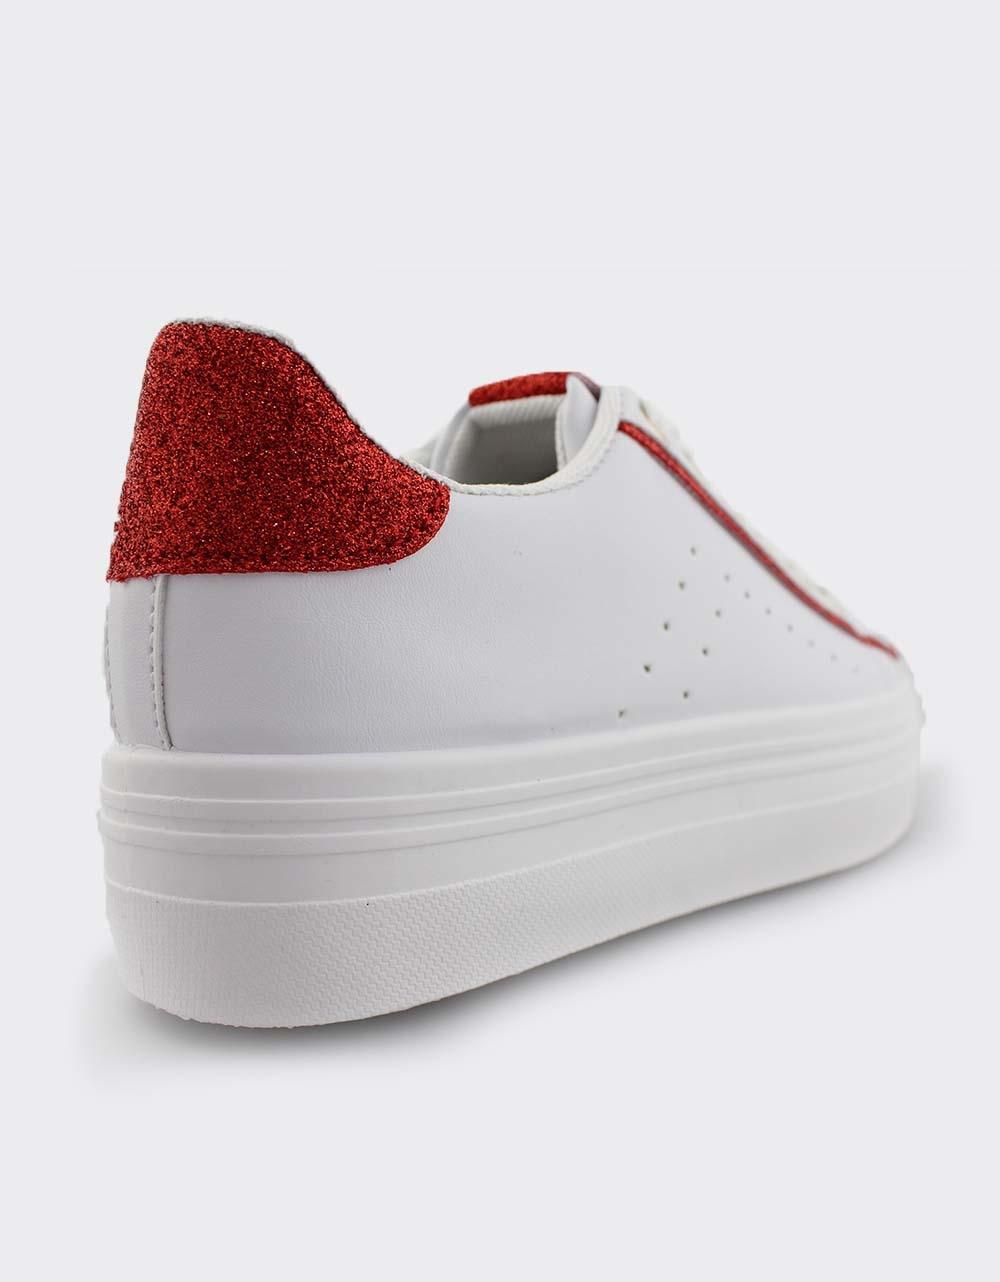 Εικόνα από Γυναικεία sneakers με διακοσμητικό glitter Λευκό/Κόκκινο